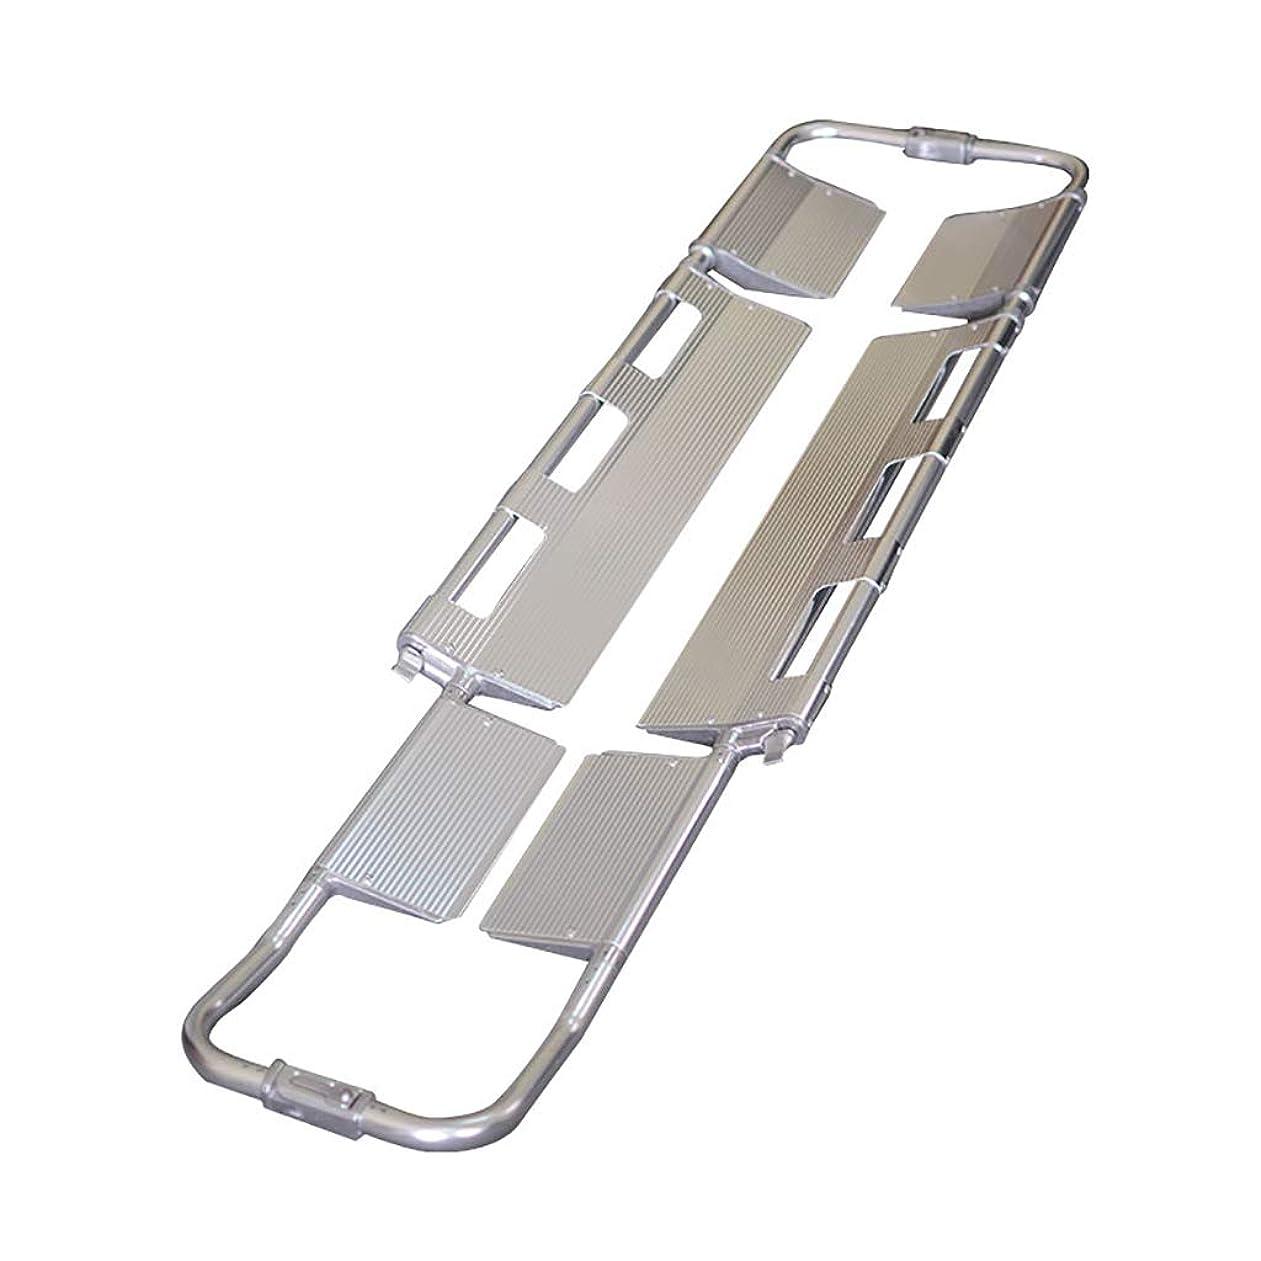 部分的に商品積分医療用緊急ストレッチャー、アルミニウム合金伸縮式脊椎ボードストレッチャー固定キット軽量スクープタイプの患者移送